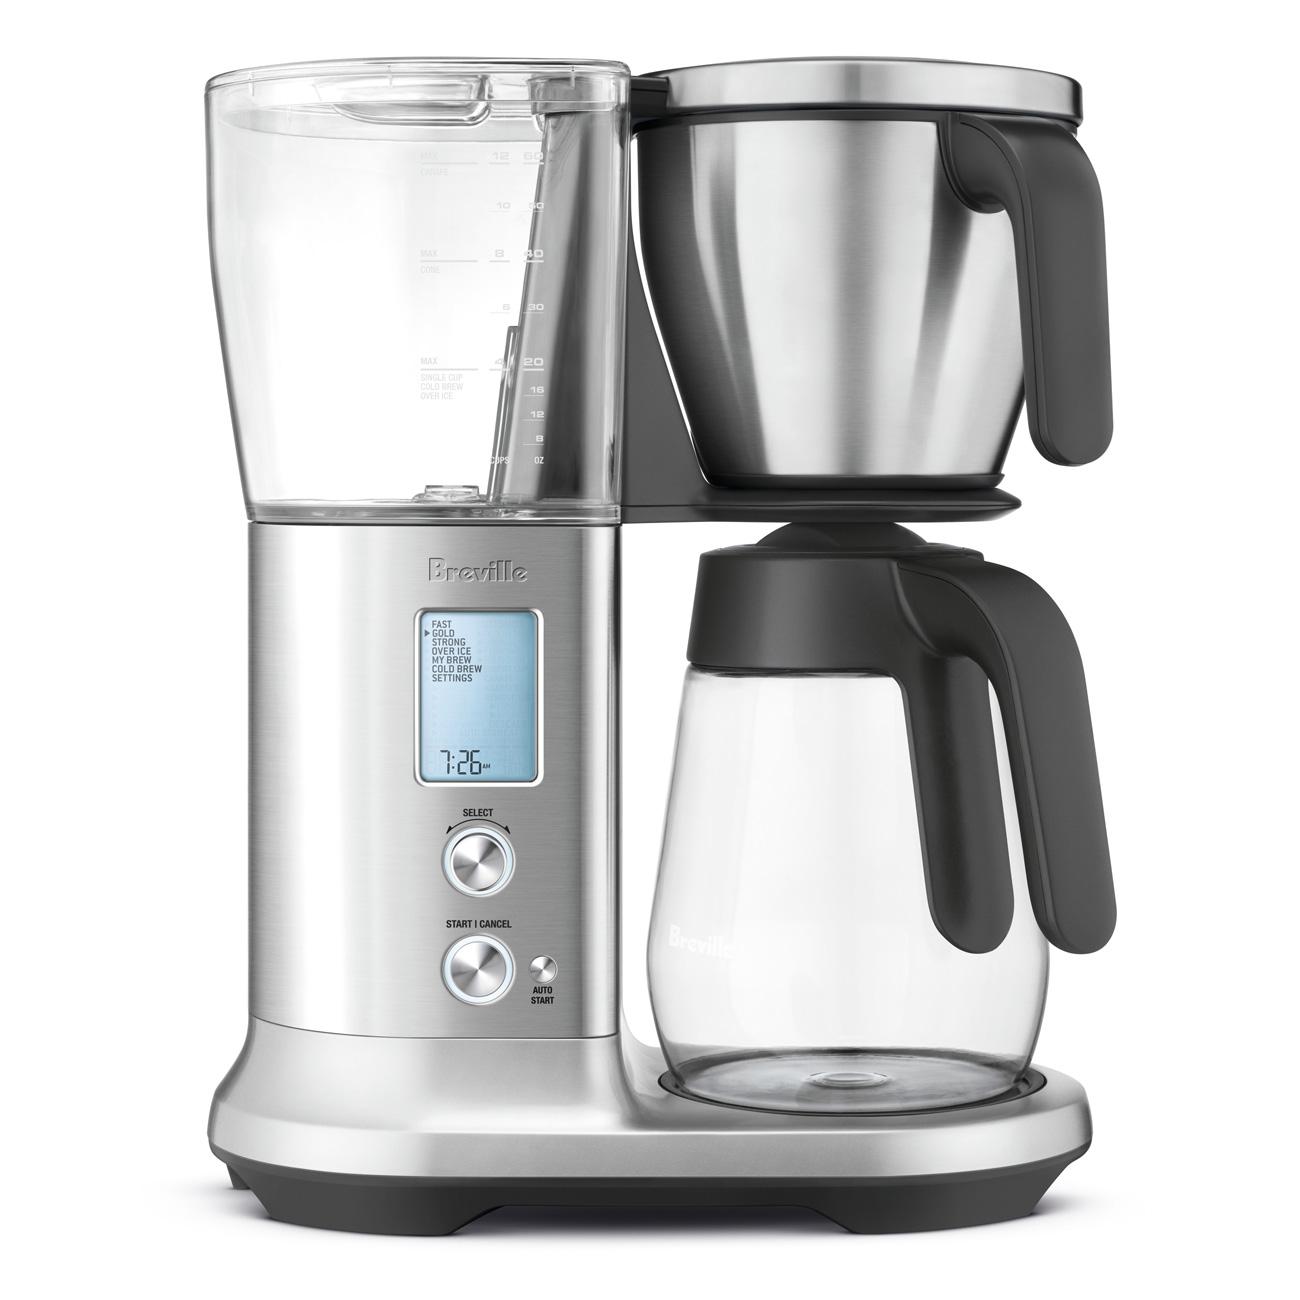 The Breville Precision Brewer Glass Coffee Machine Breville